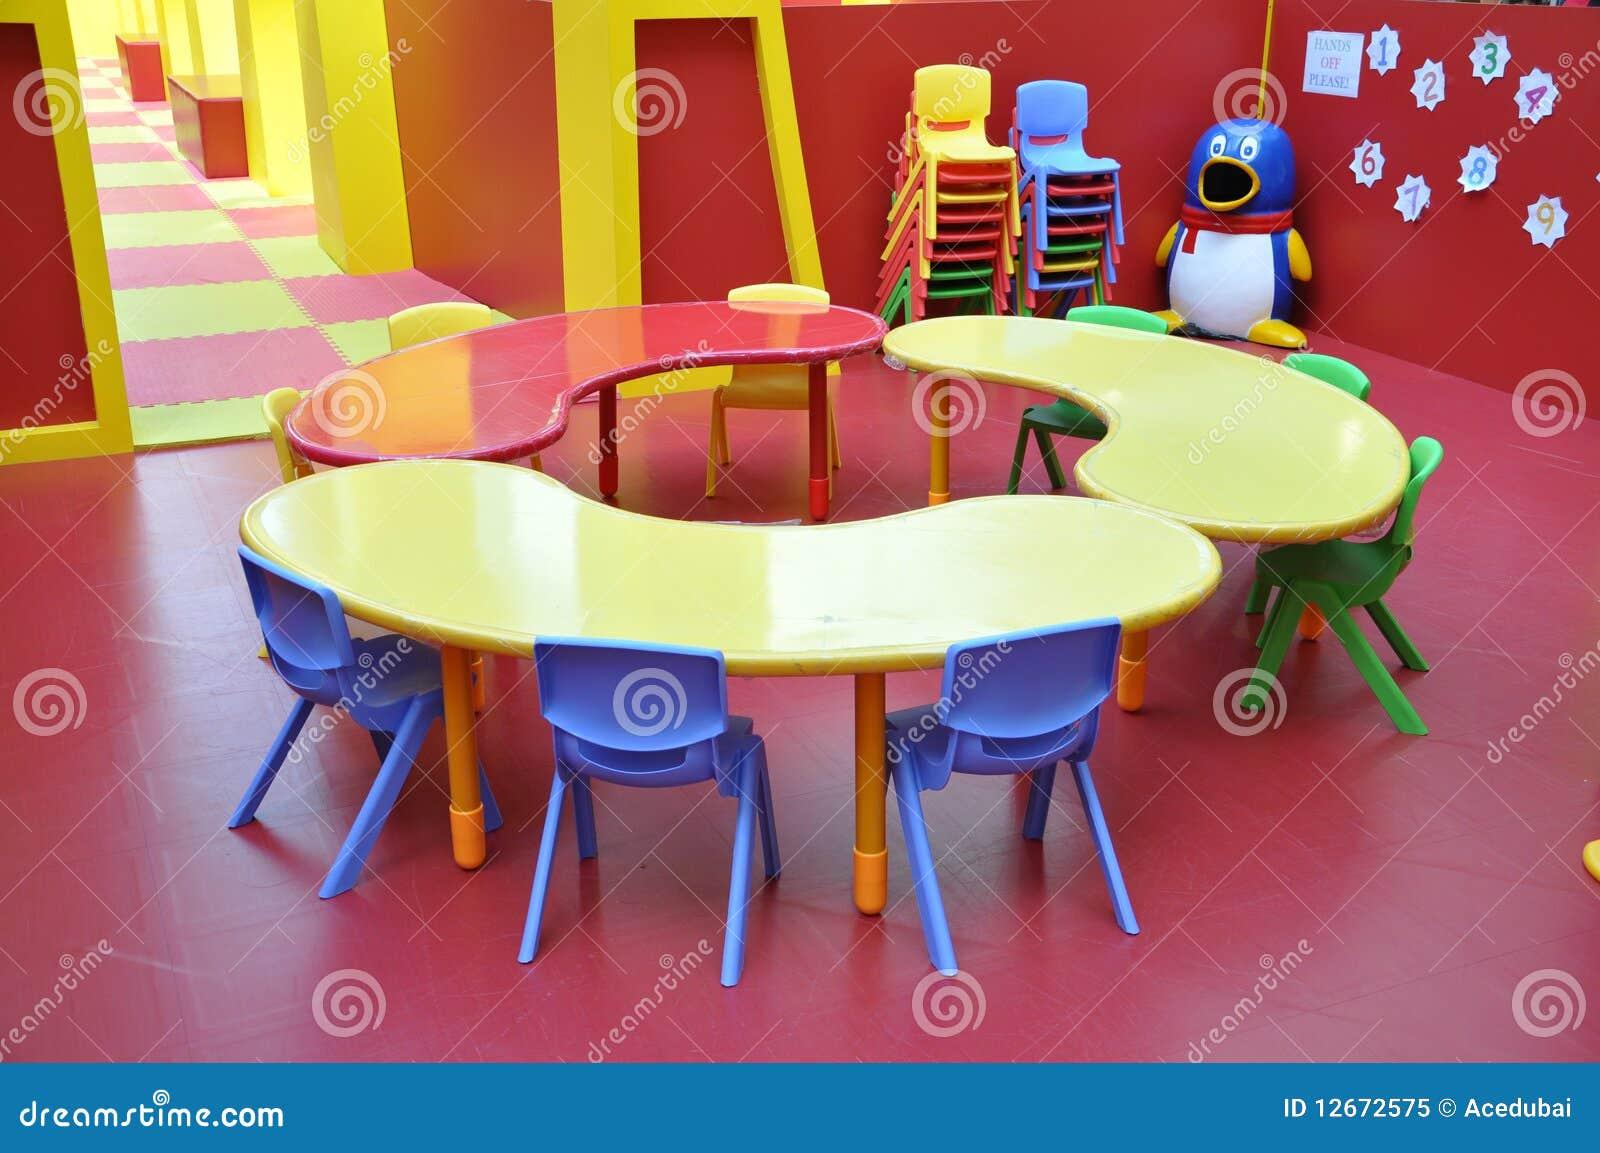 tableau de terrain de jeux d 39 enfants de jardin d 39 enfants. Black Bedroom Furniture Sets. Home Design Ideas